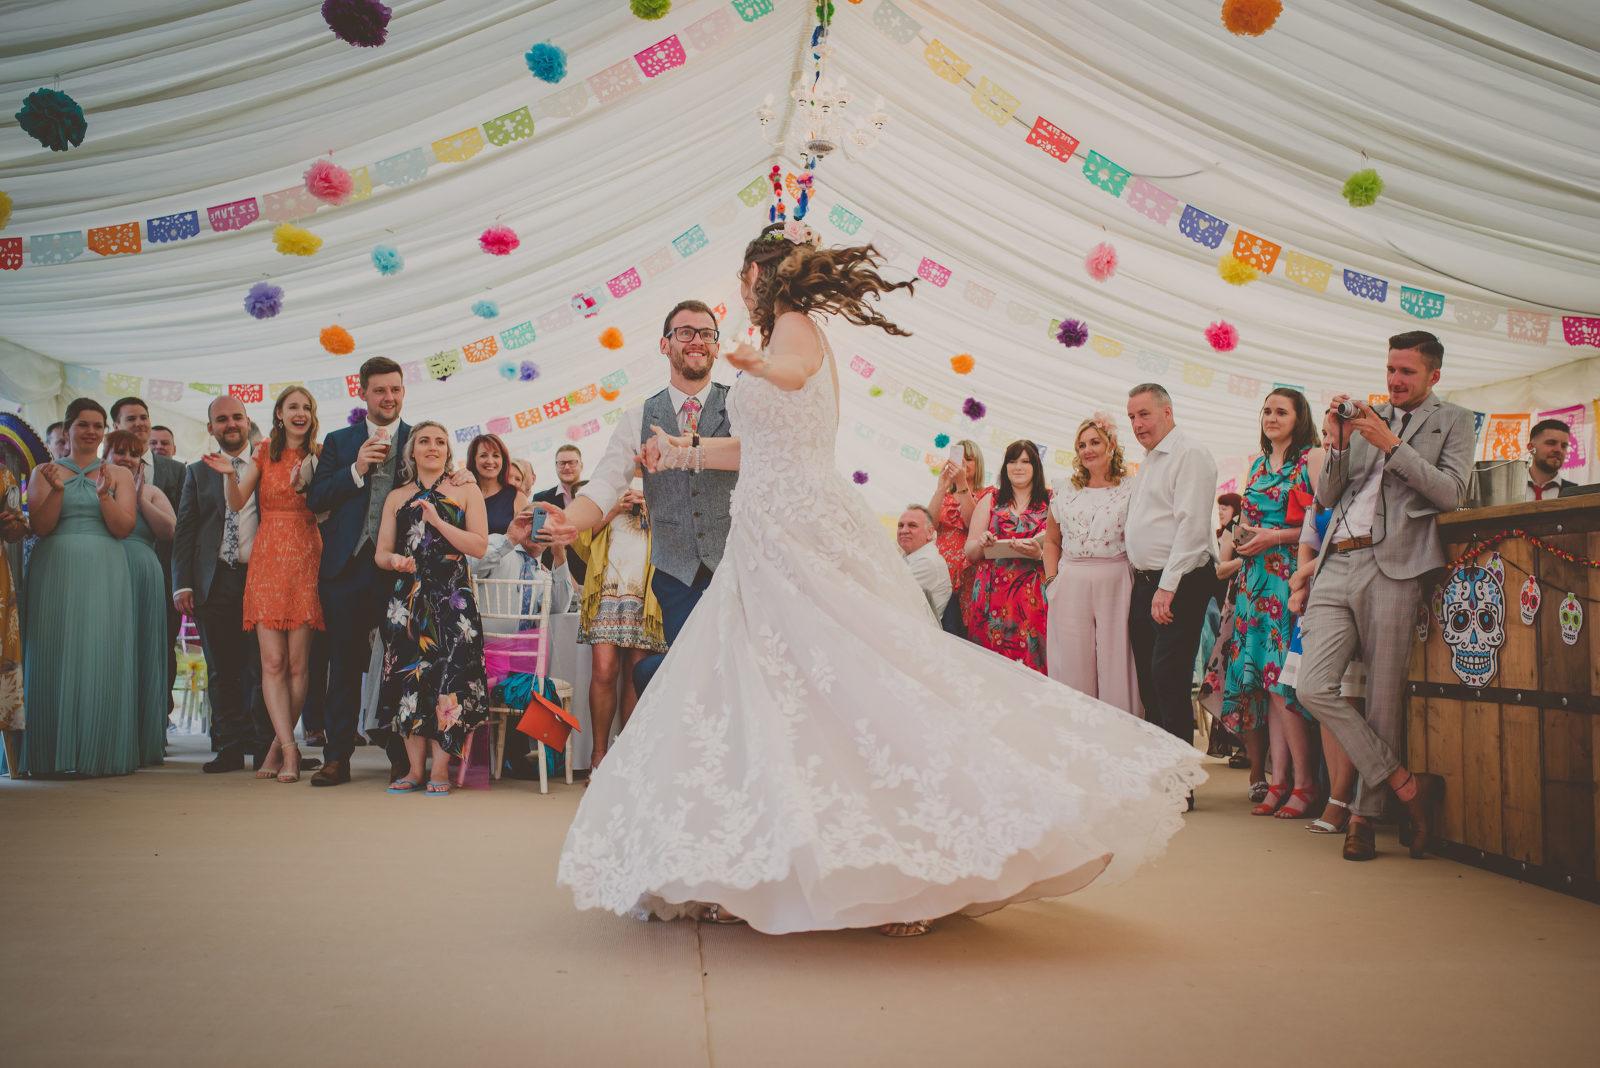 buddileigh farm weddings